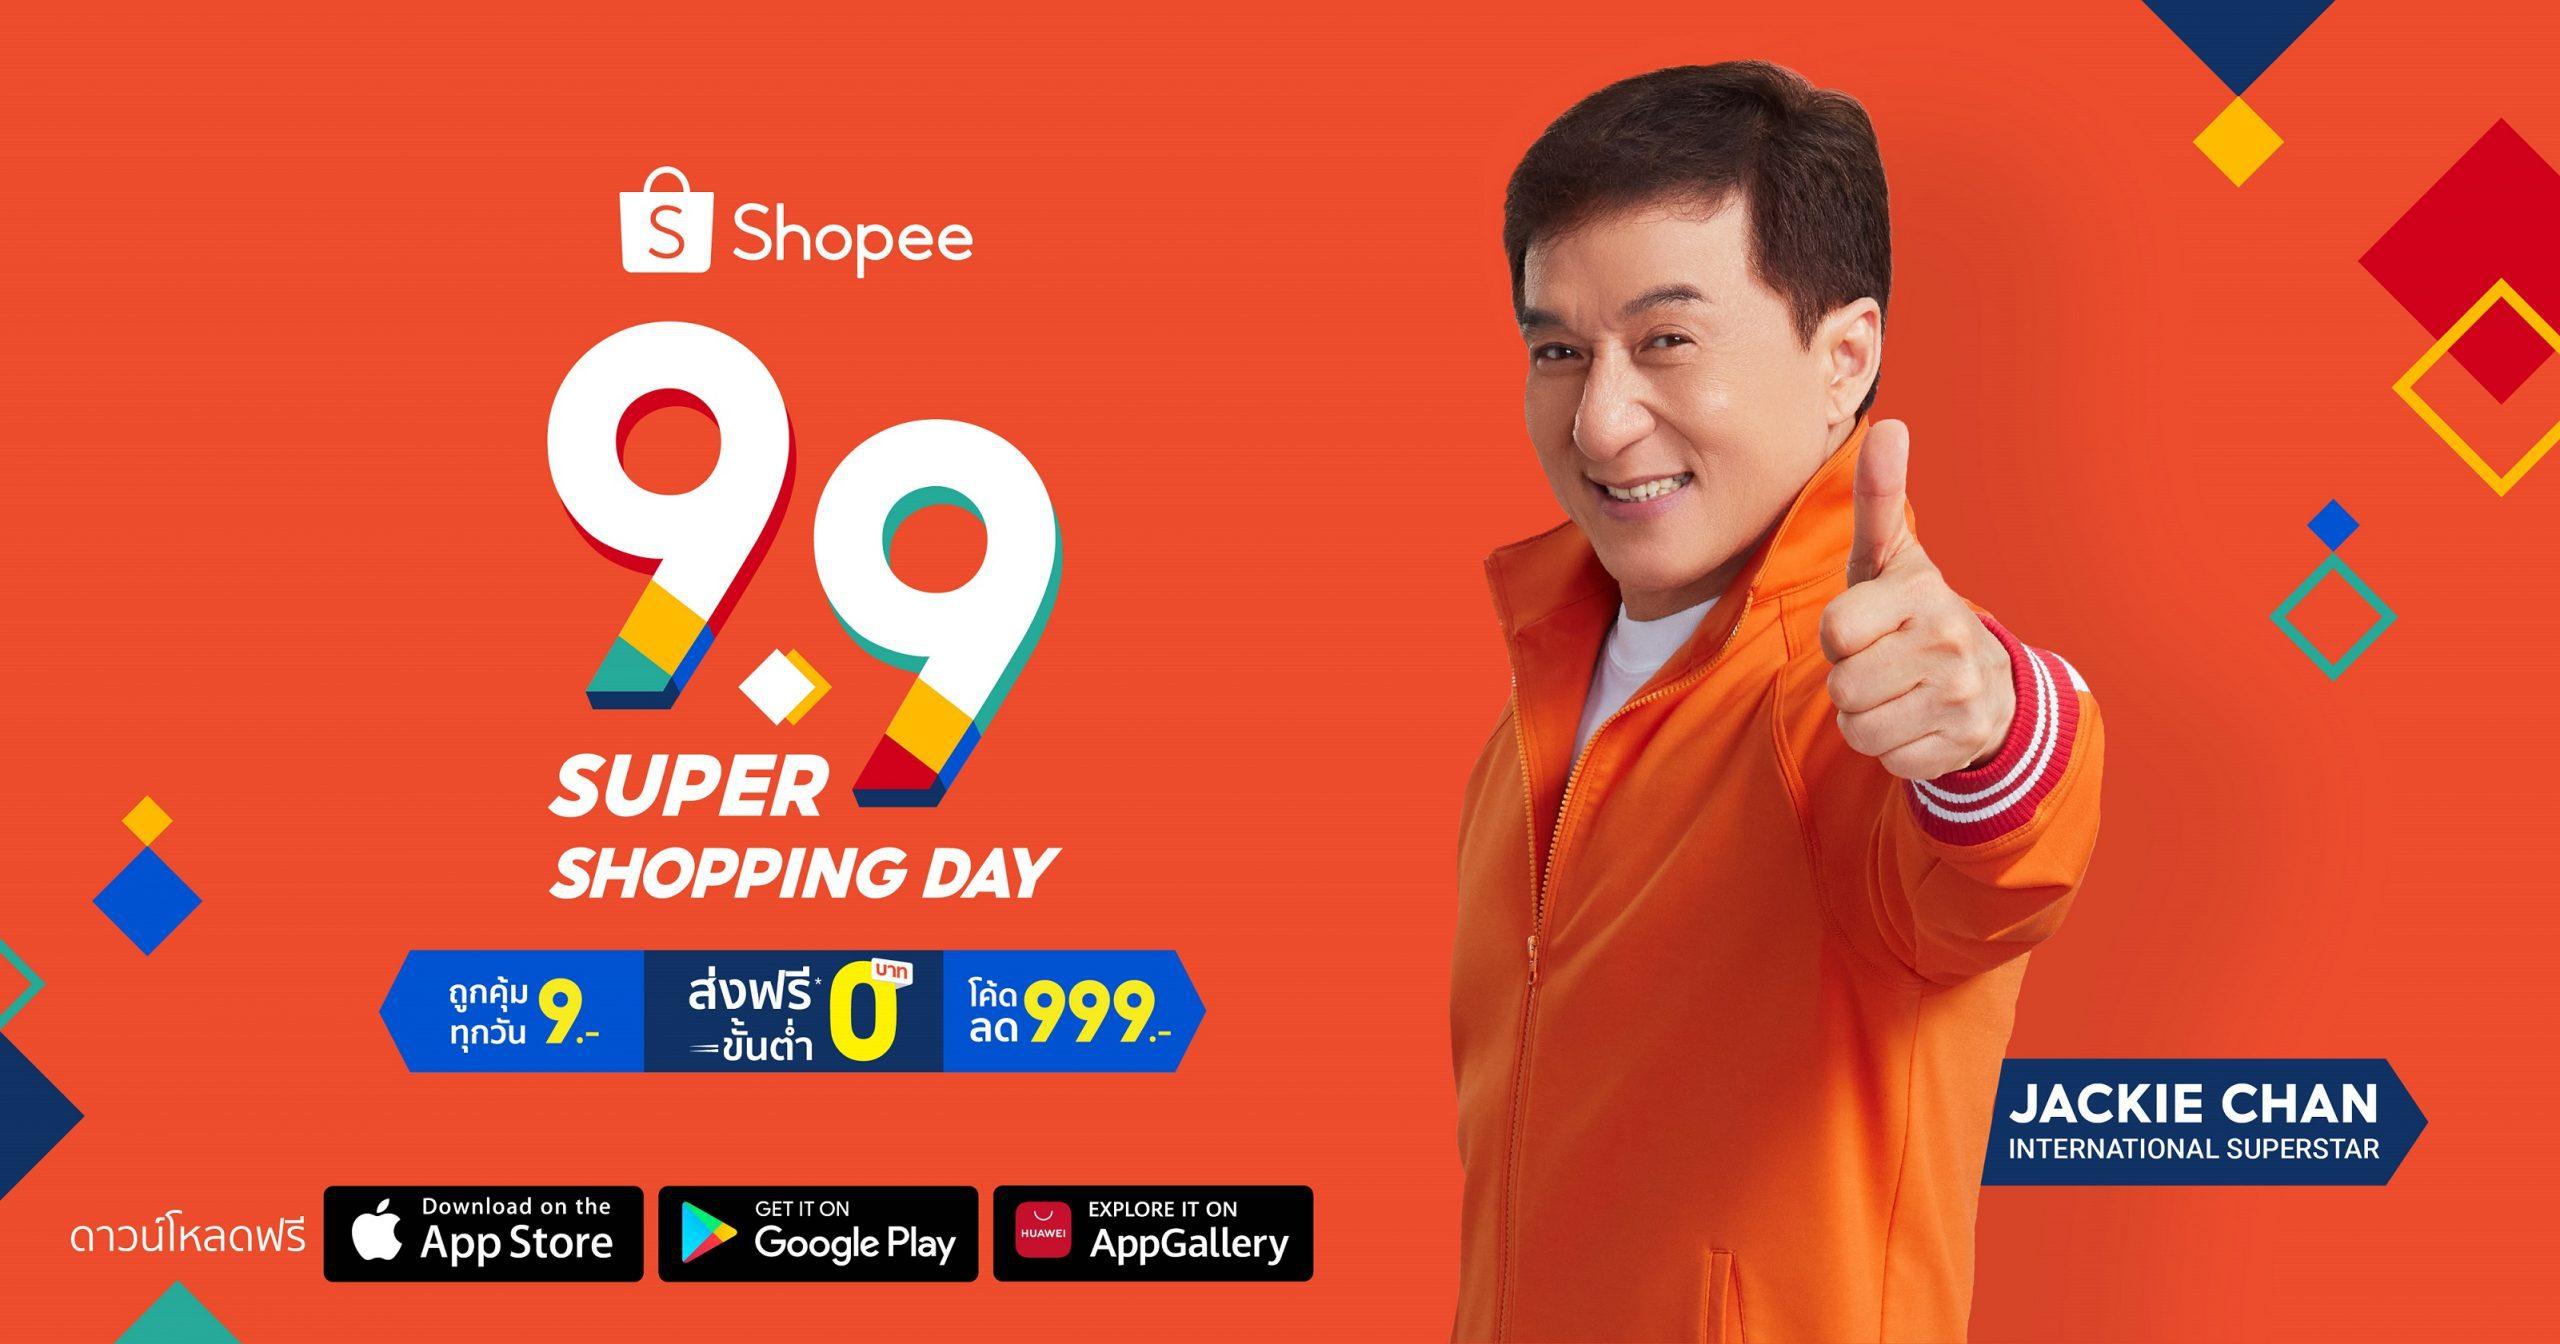 """ช้อปปี้เปิดฉากเทศกาลช้อปปิ้งออนไลน์ส่งท้ายปีสุดเข้มข้น ประเดิมความยิ่งใหญ่ไปกับ แคมเปญ """"Shopee 9.9 Super Shopping Day"""" ช้อปสู้ฟัด แจกจัดเต็ม"""